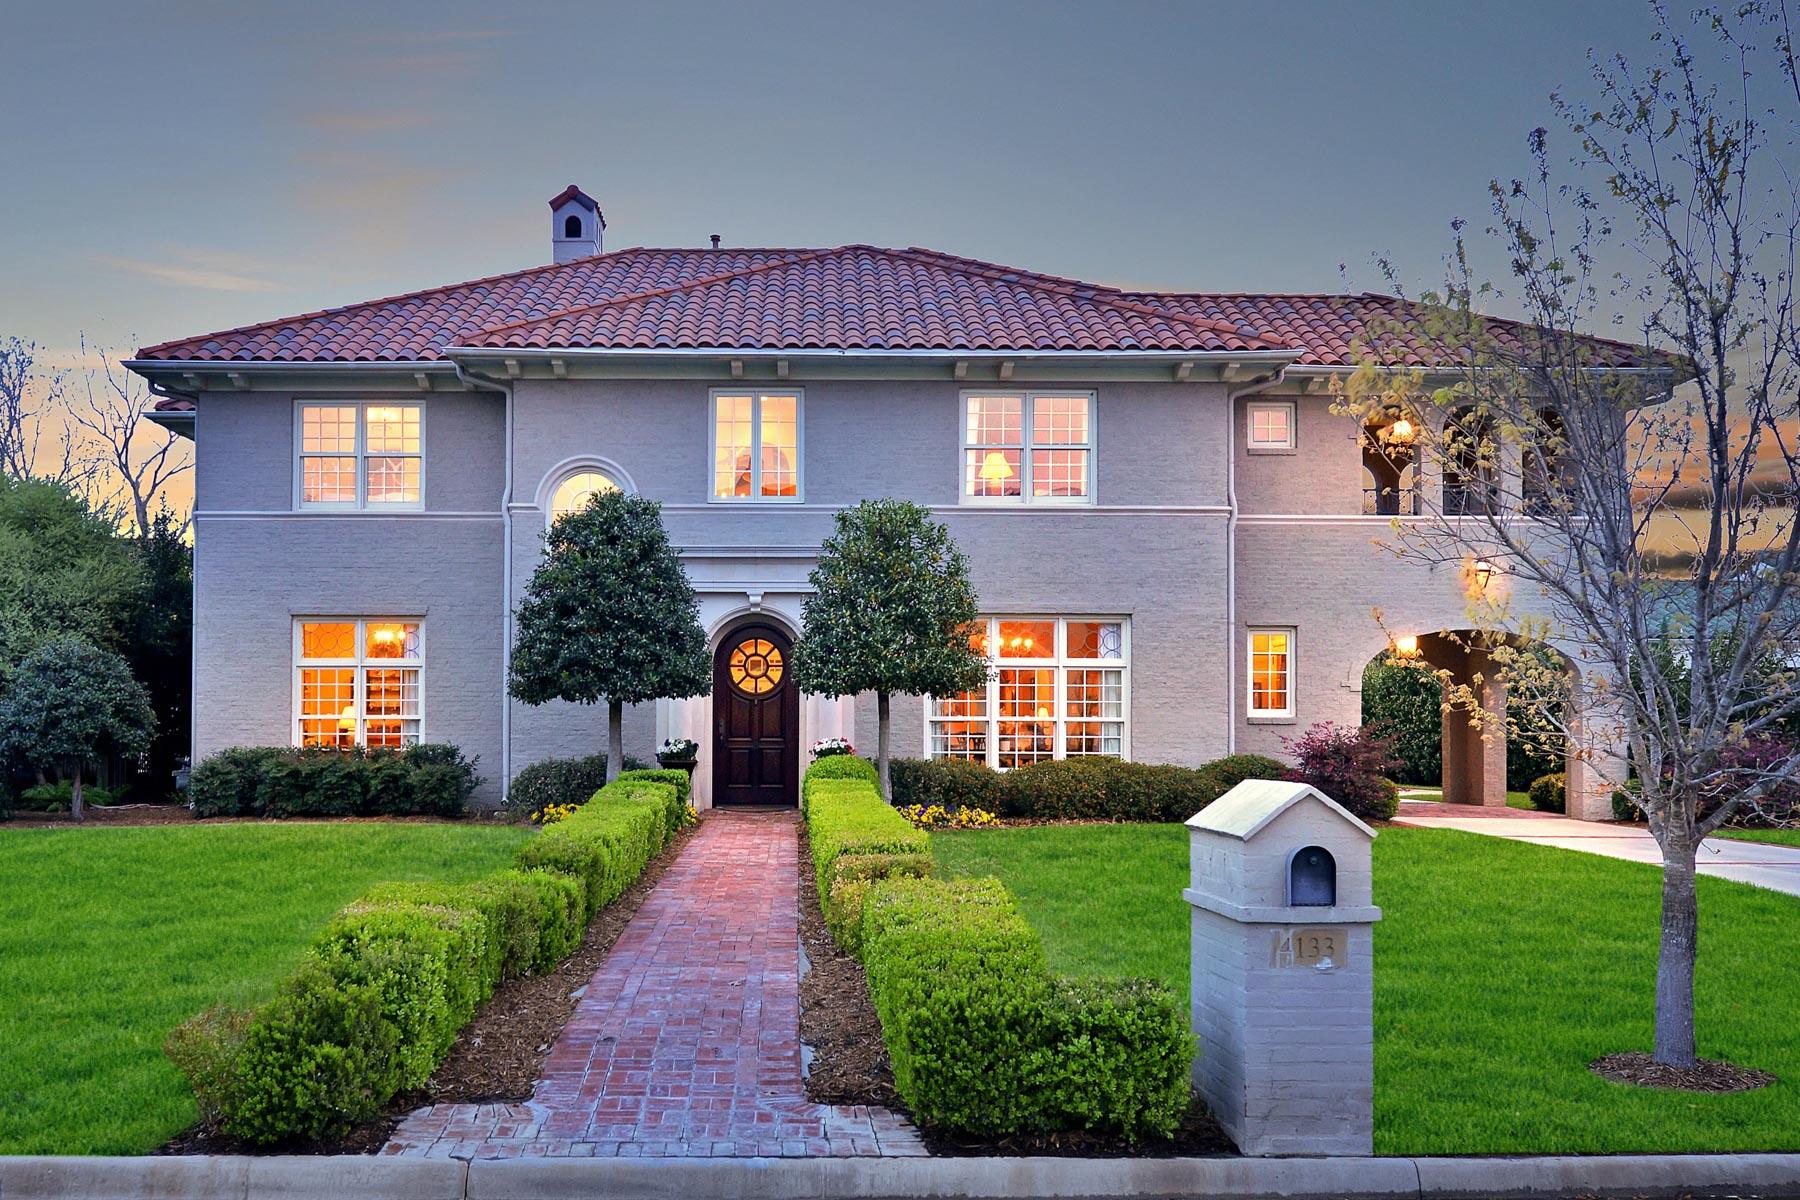 Частный односемейный дом для того Продажа на 4133 Idlewild Drive Fort Worth, Техас, 76107 Соединенные Штаты